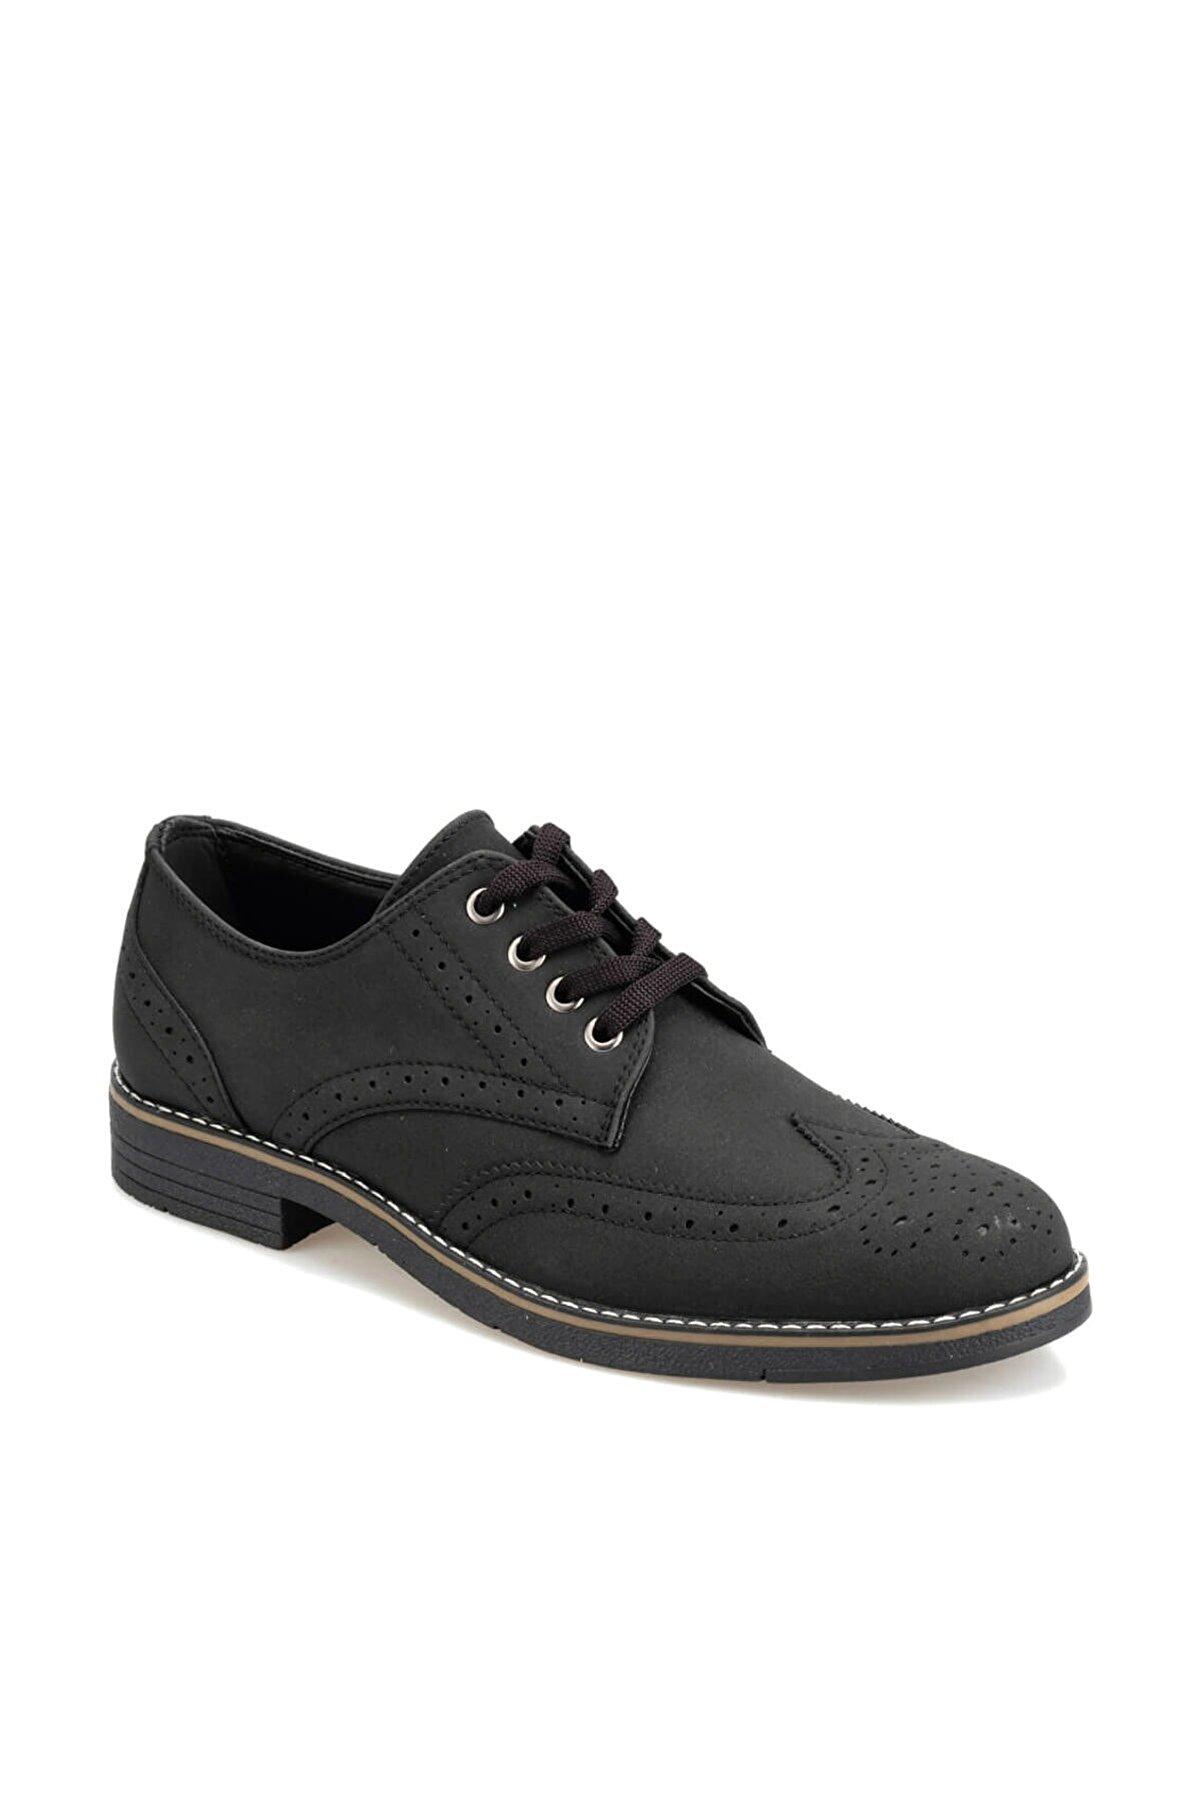 Polaris 92.356133.M Siyah Erkek Klasik Ayakkabı 100413990